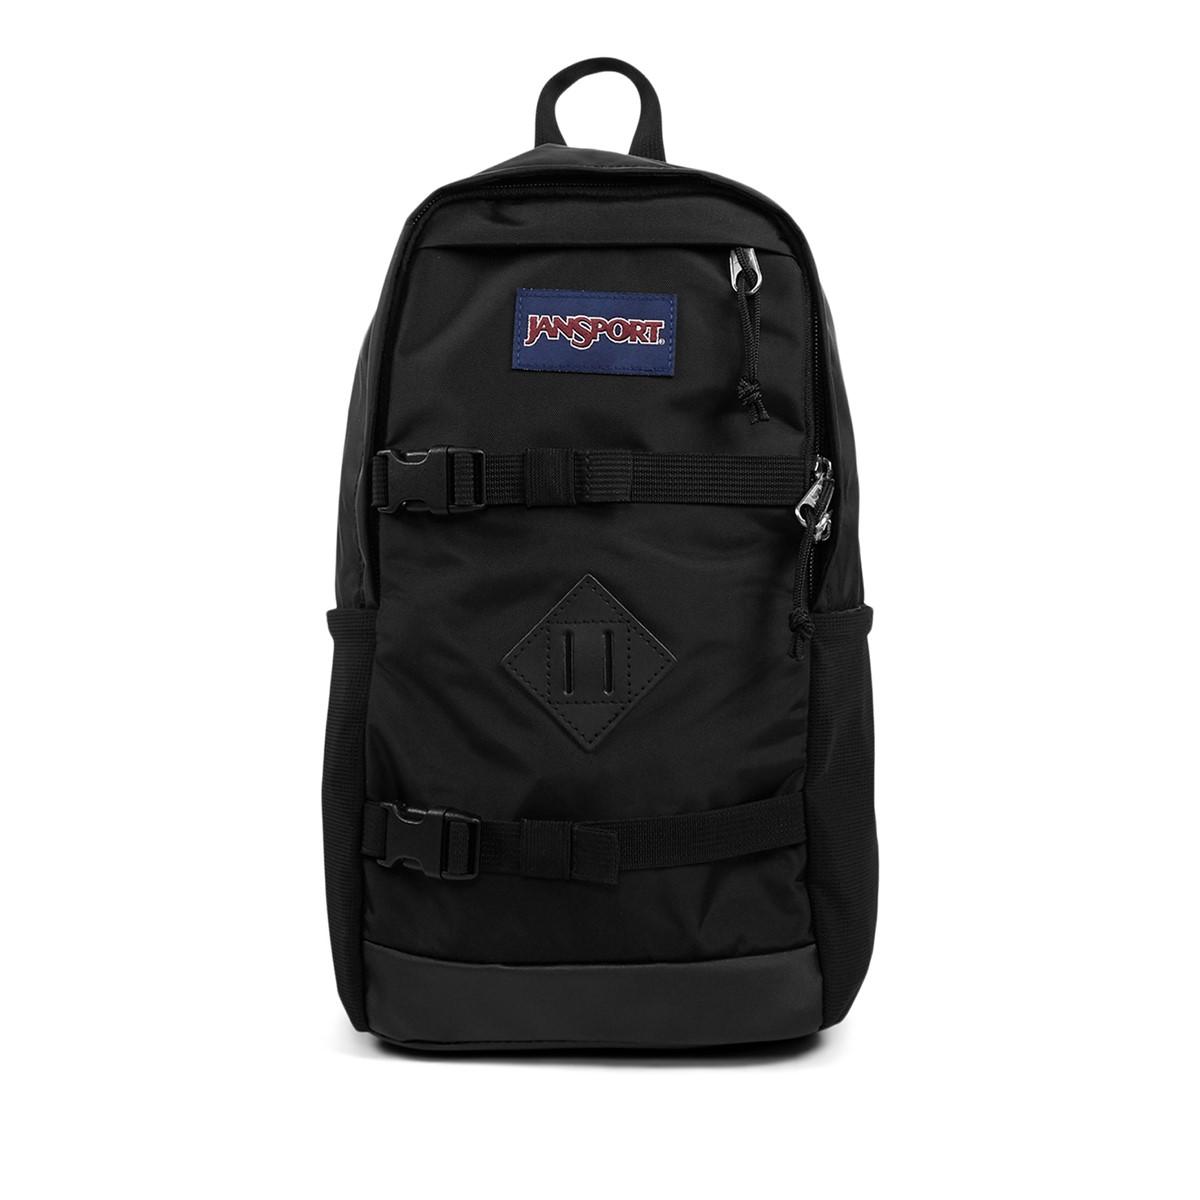 Off Campus Sling Bag in Black